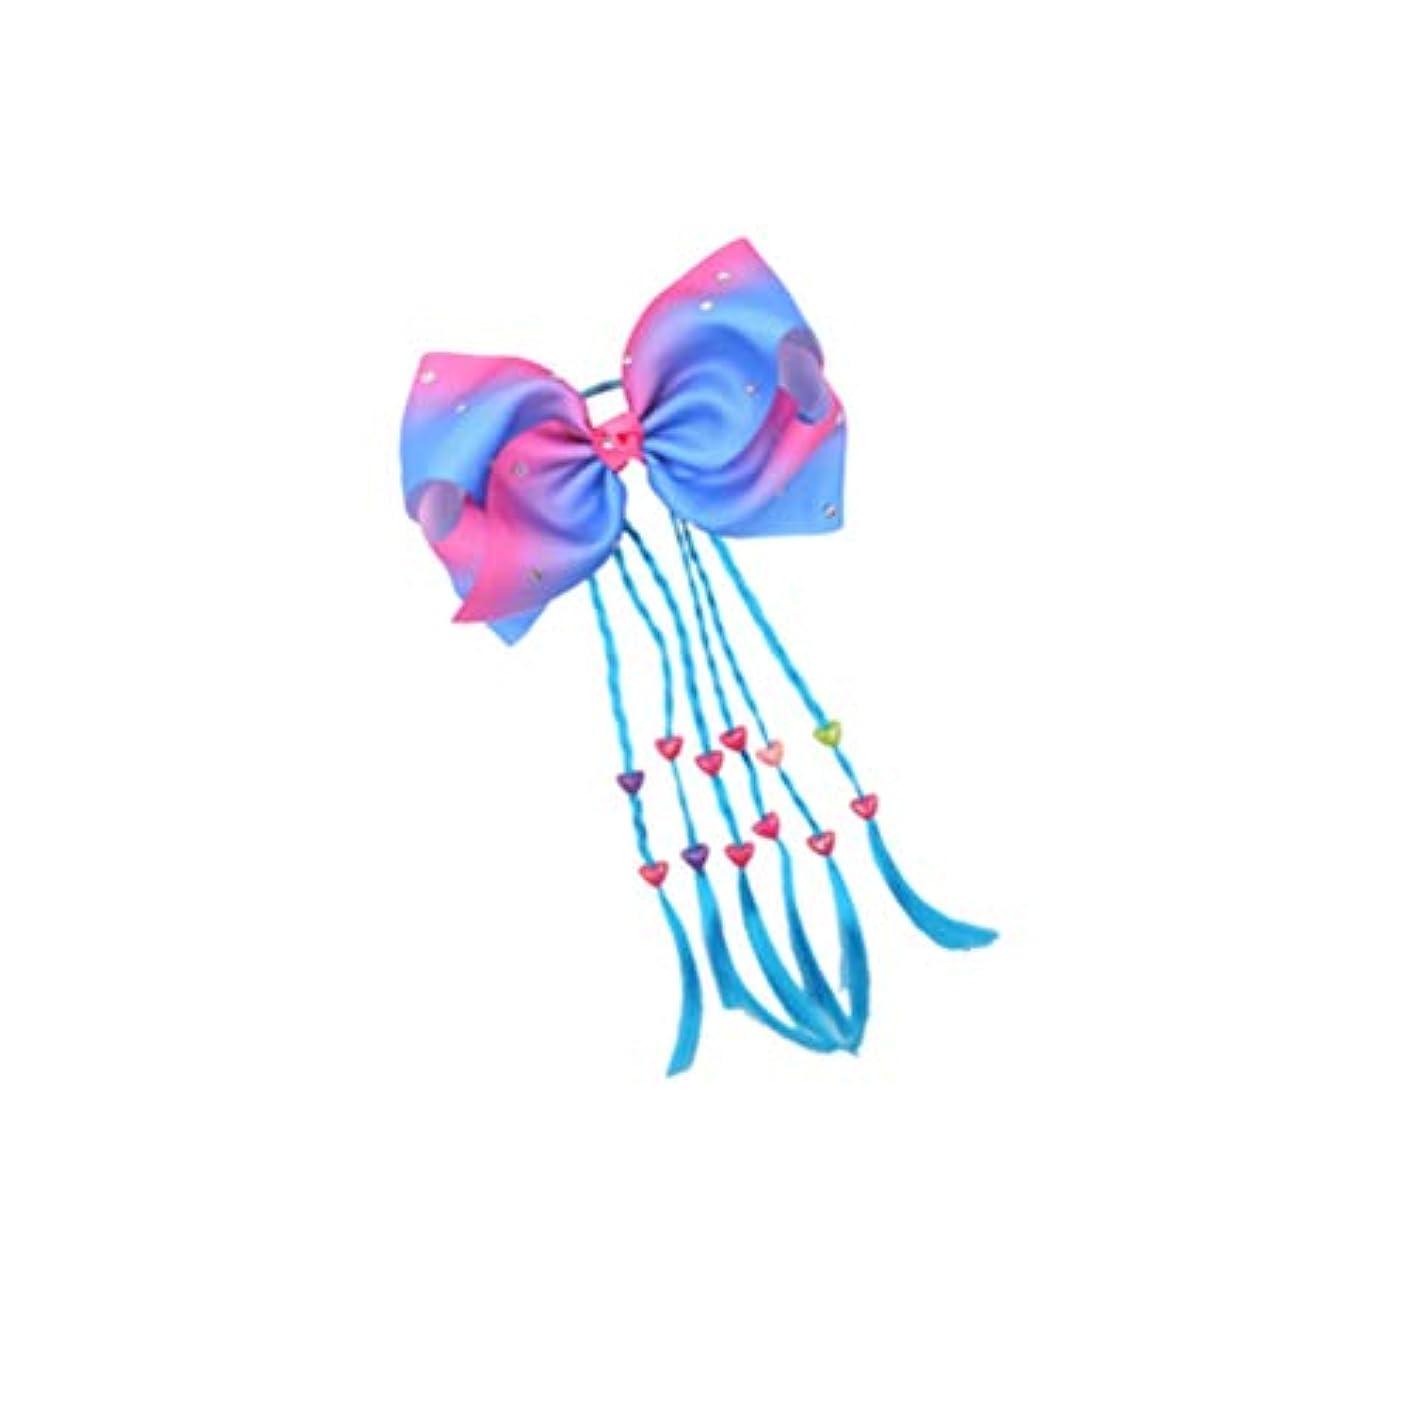 誰でもレジデンス偽善者Lurrose ヘアゴムヘアちょう結びヘアロープキッズポニーテールホルダー女の子女性パーティー用品青三つ編み